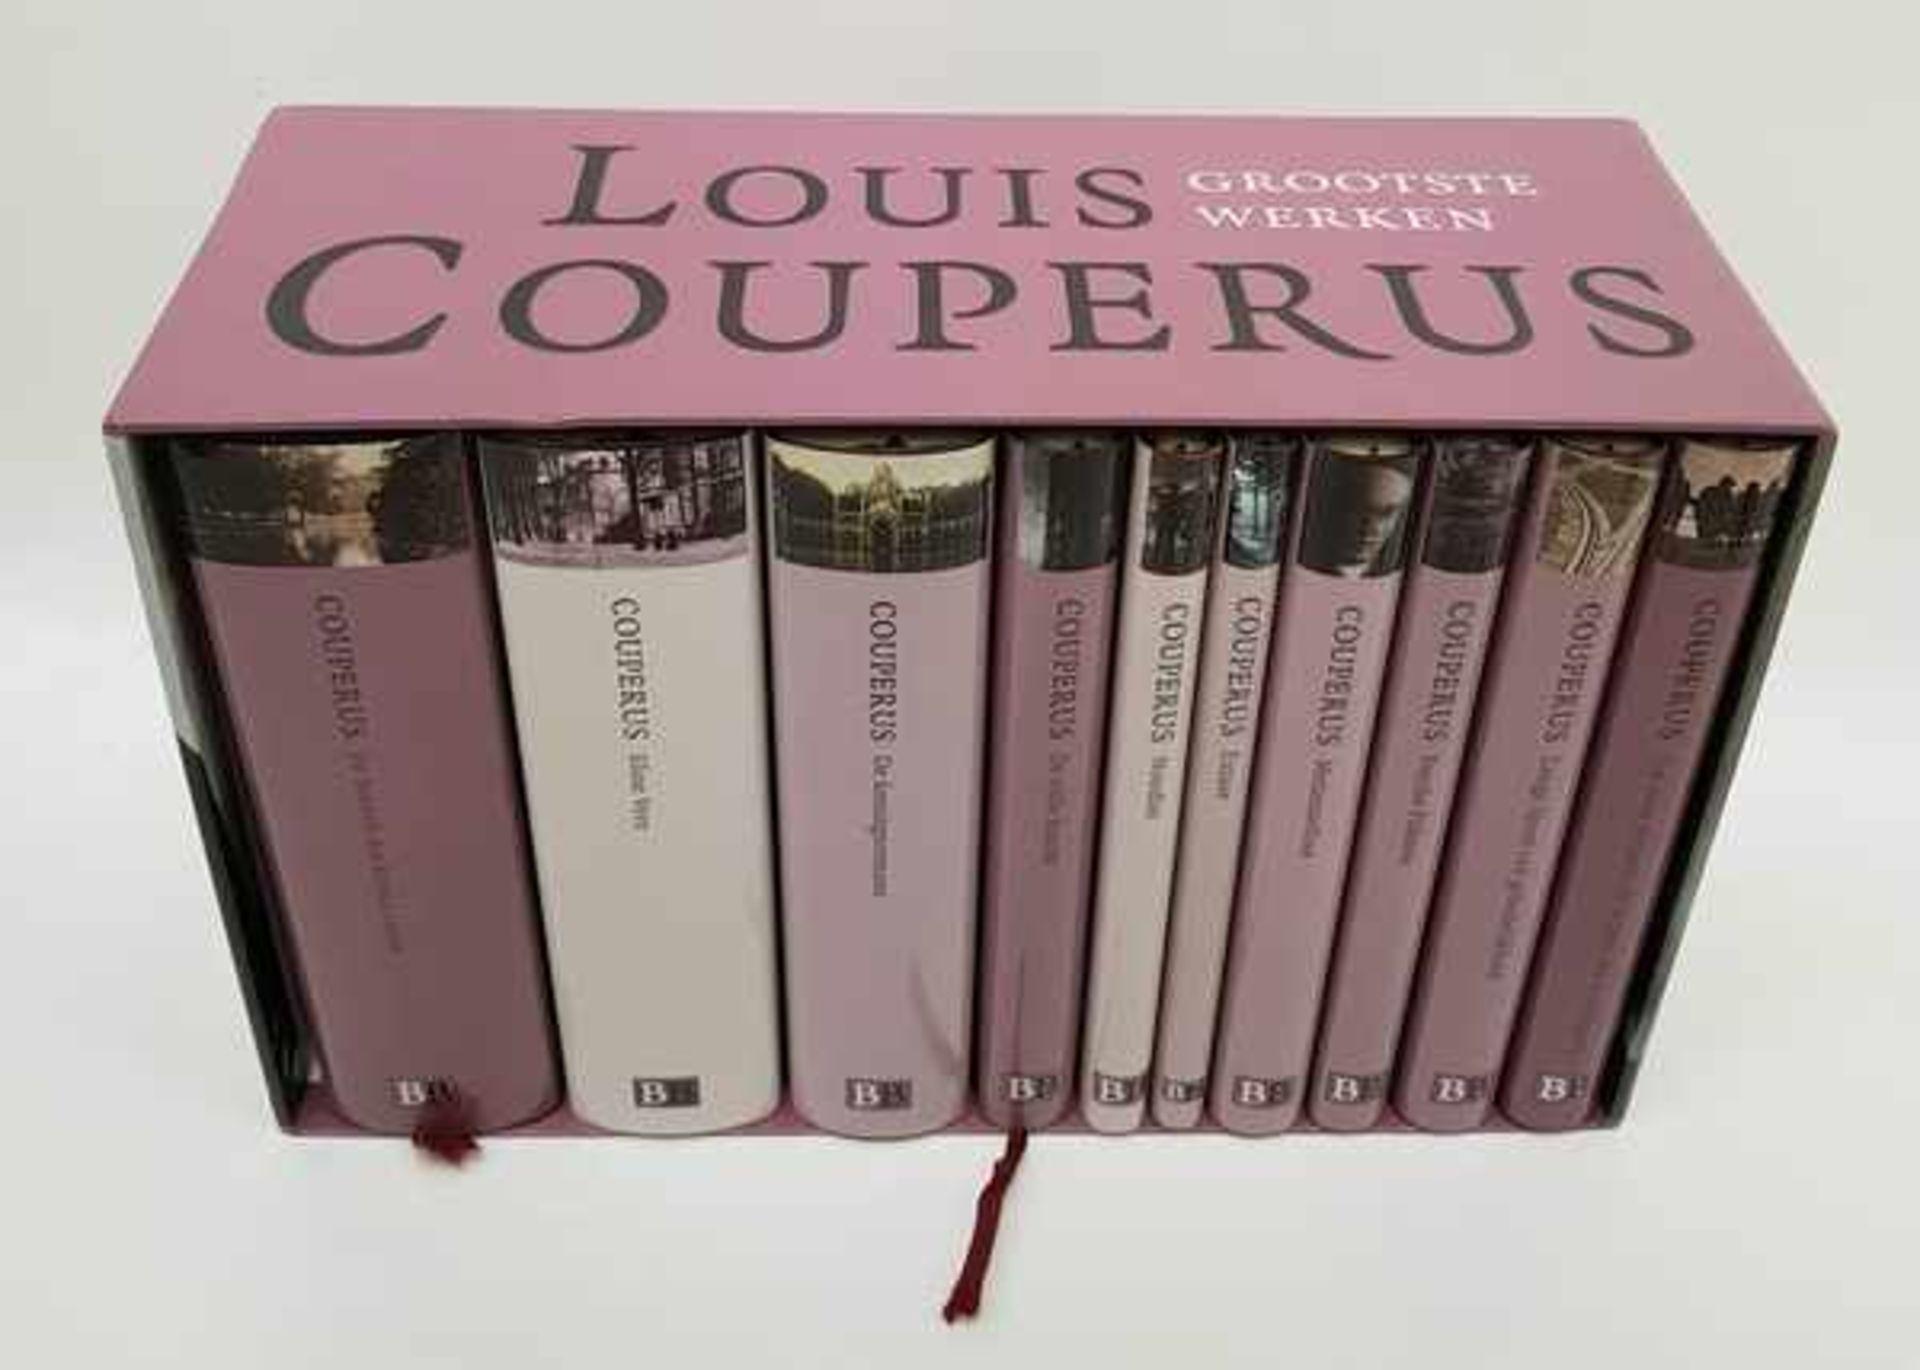 (Boeken) Verzamelbox grootste werken Louis Couperus - Bild 2 aus 3